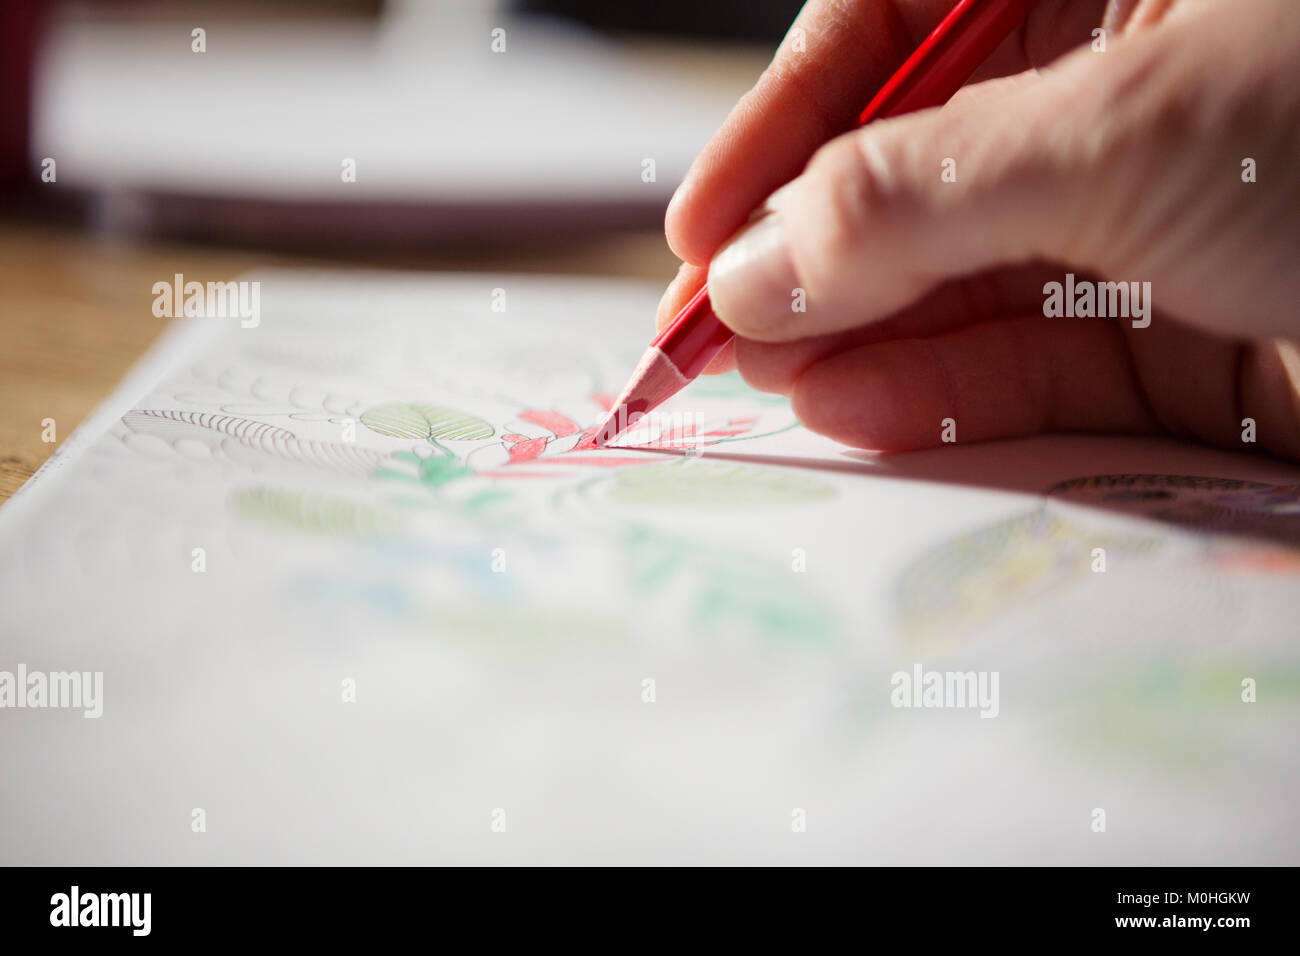 Adulto utilizzando una matita in un adulto libro da colorare Immagini Stock